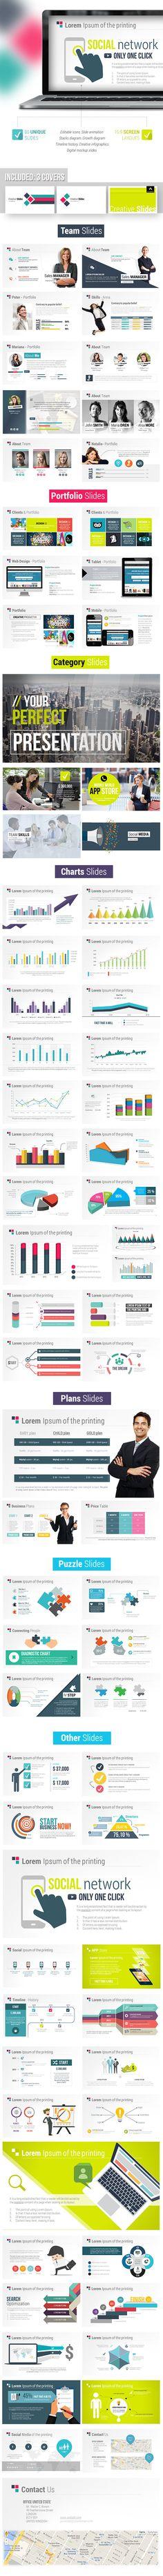 Fresh Digital Slides - Creative Powerpoint Templat - Creative PowerPoint Templates